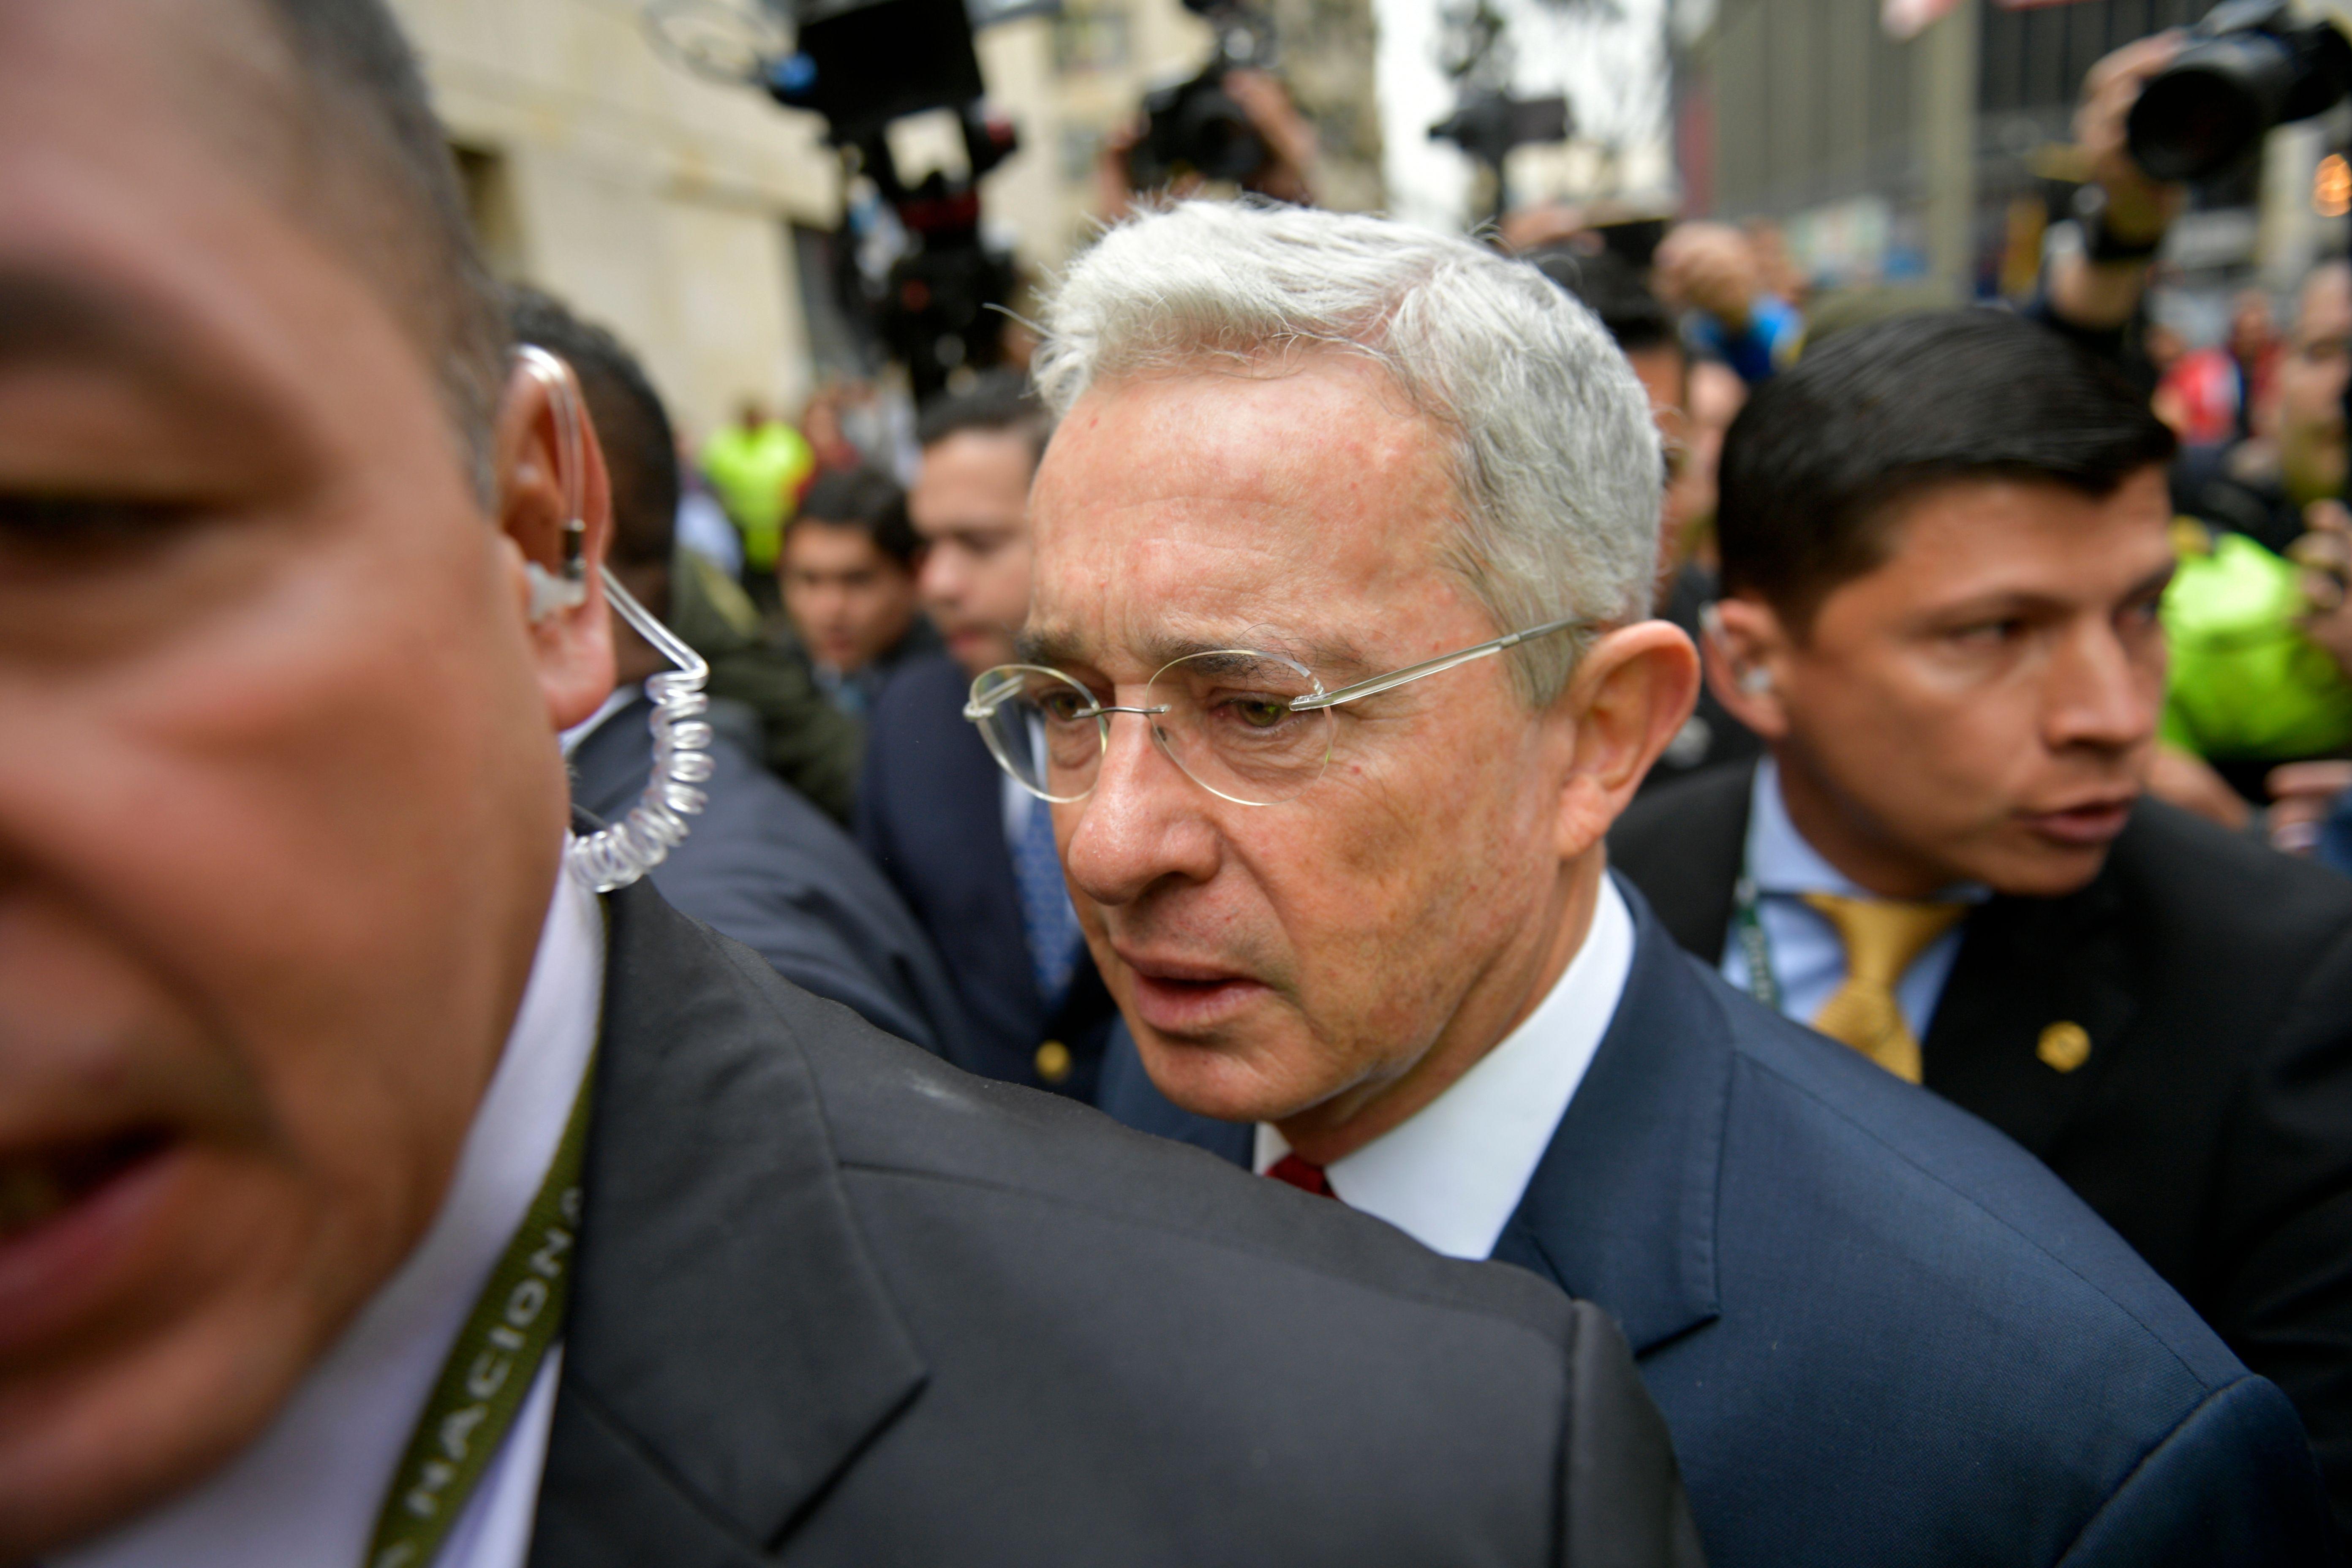 cnn.com - CNN Español - Corte Suprema de Colombia impone detención domiciliaria a expresidente Álvaro Uribe